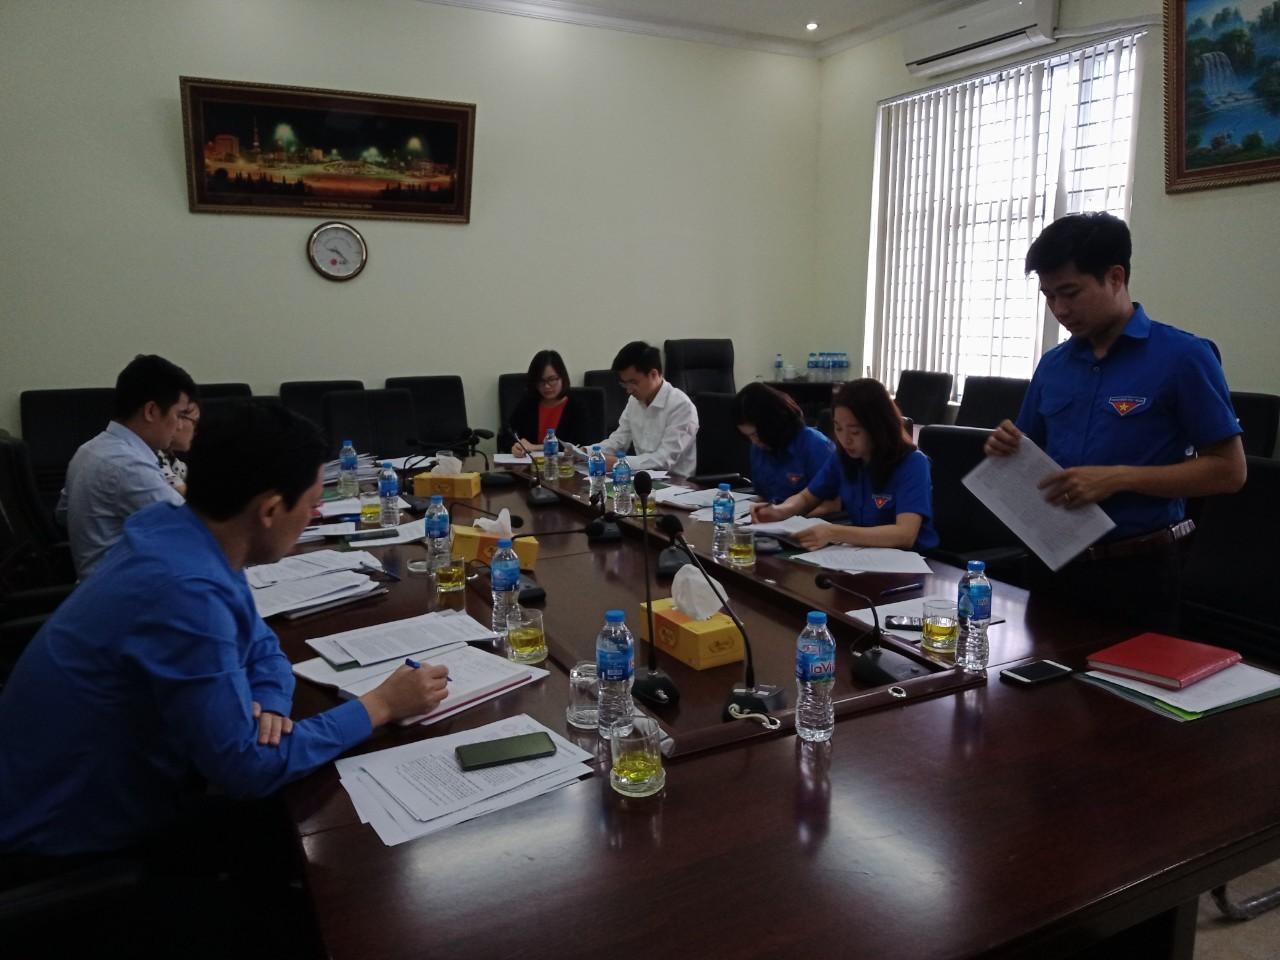 Ủy ban Kiểm tra Tỉnh đoàn kiểm tra chuyên đề công tác quản lý đoàn viên,  việc thu, chi và sử dụng các nguồn quỹ khác của Đoàn năm 2020